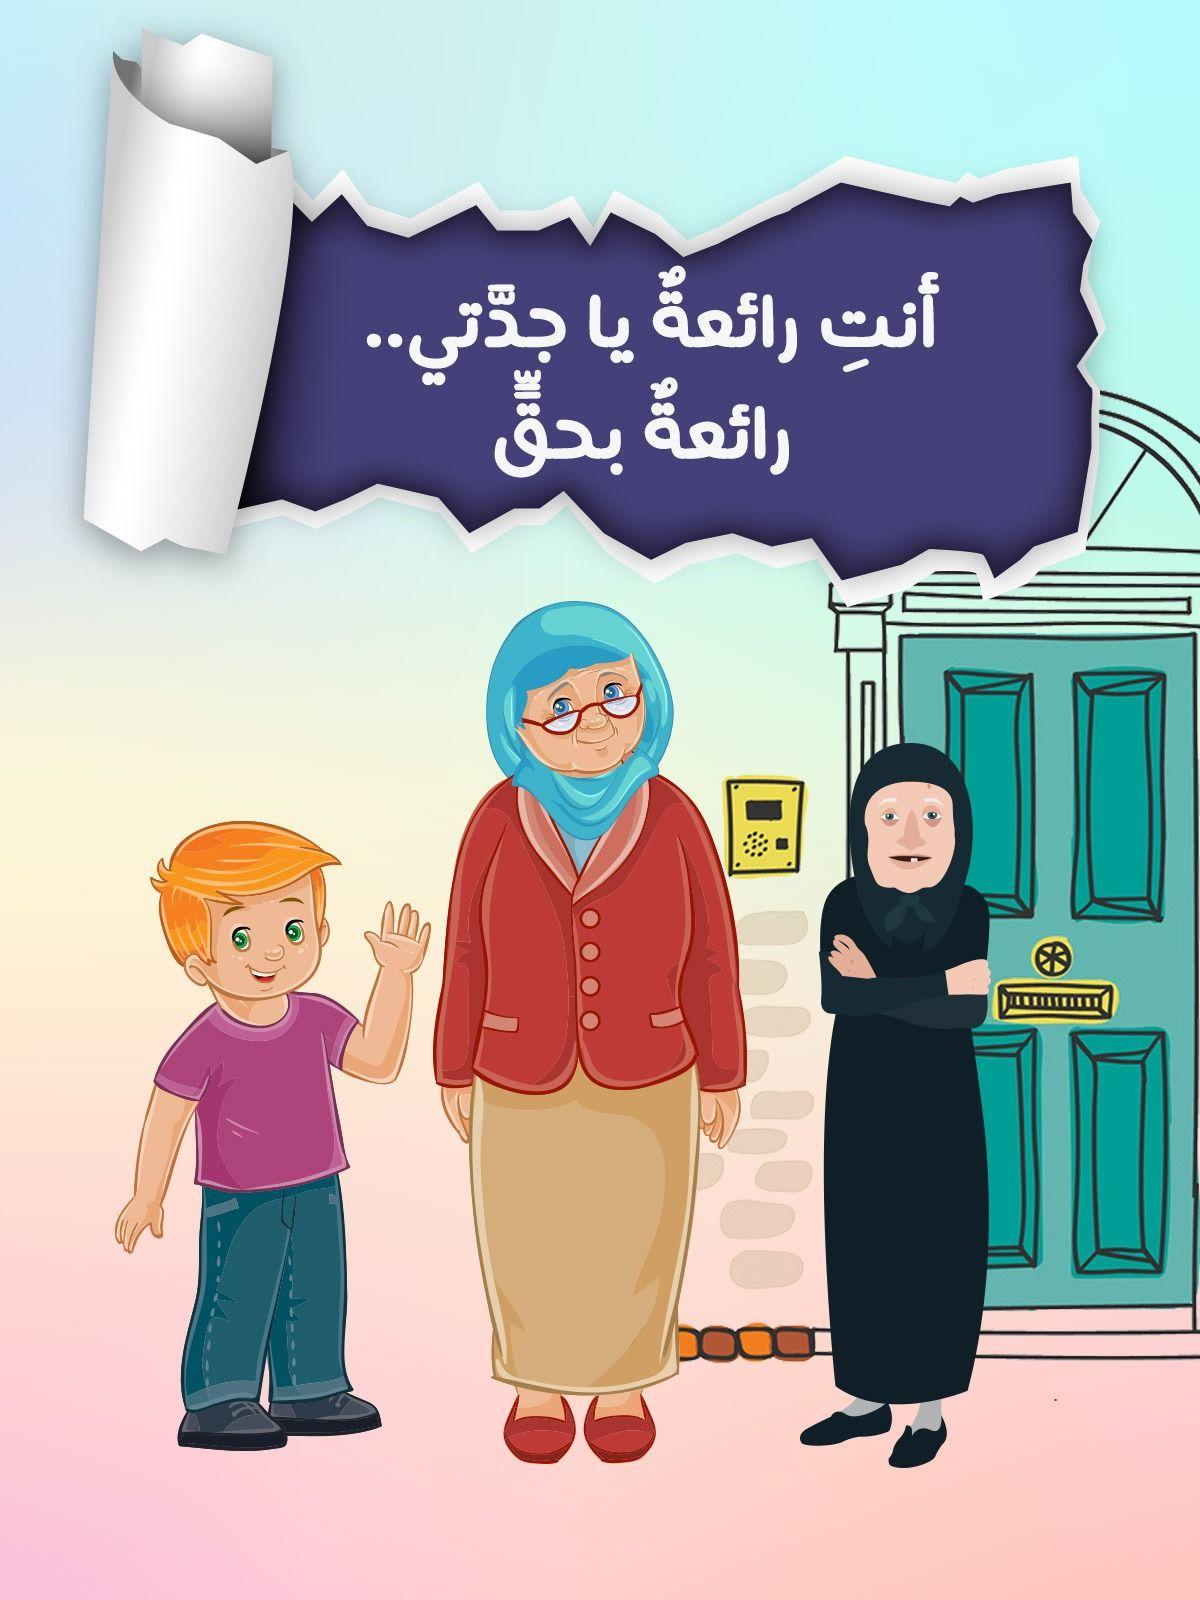 قصة عن مساعدة كبار السن للاطفال قصة أنت رائعة حقا ياجدتي تطبيق حكايات بالعربي Family Guy Fictional Characters Character